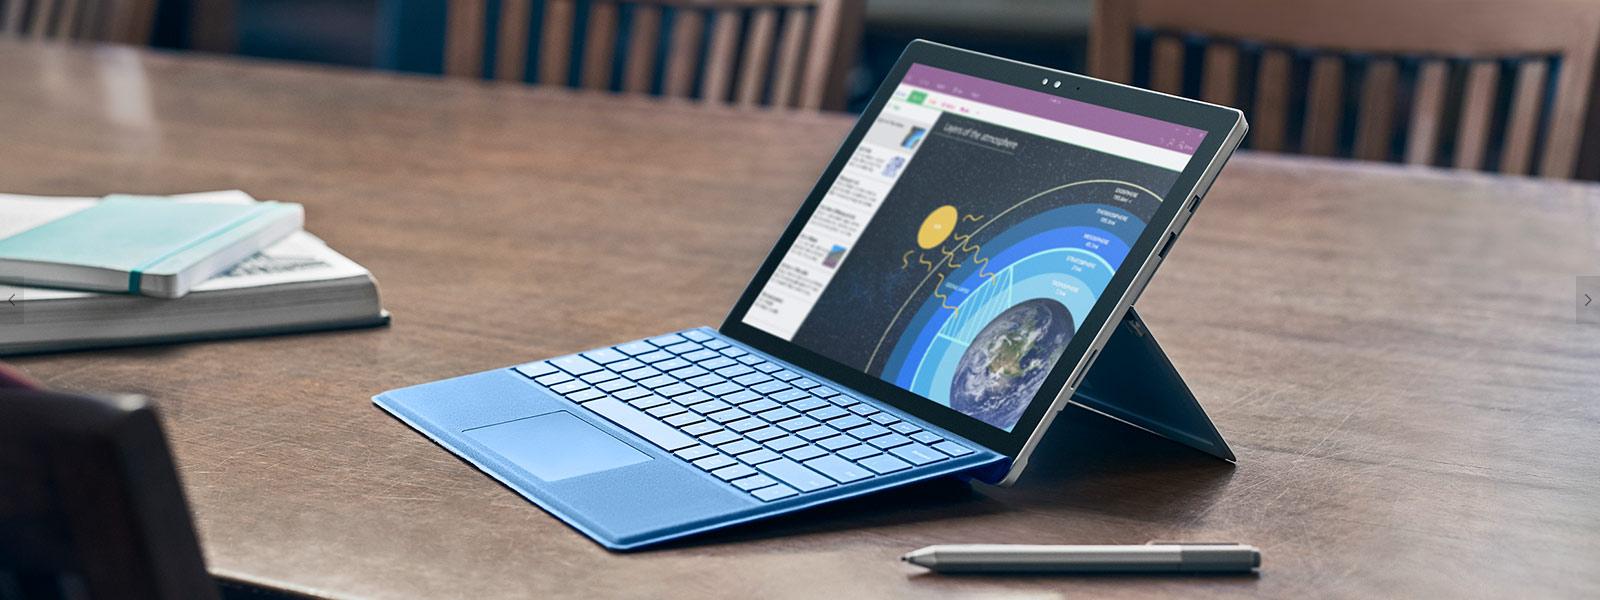 Surface Studio en mode Studio avec le stylet Surface et une souris.